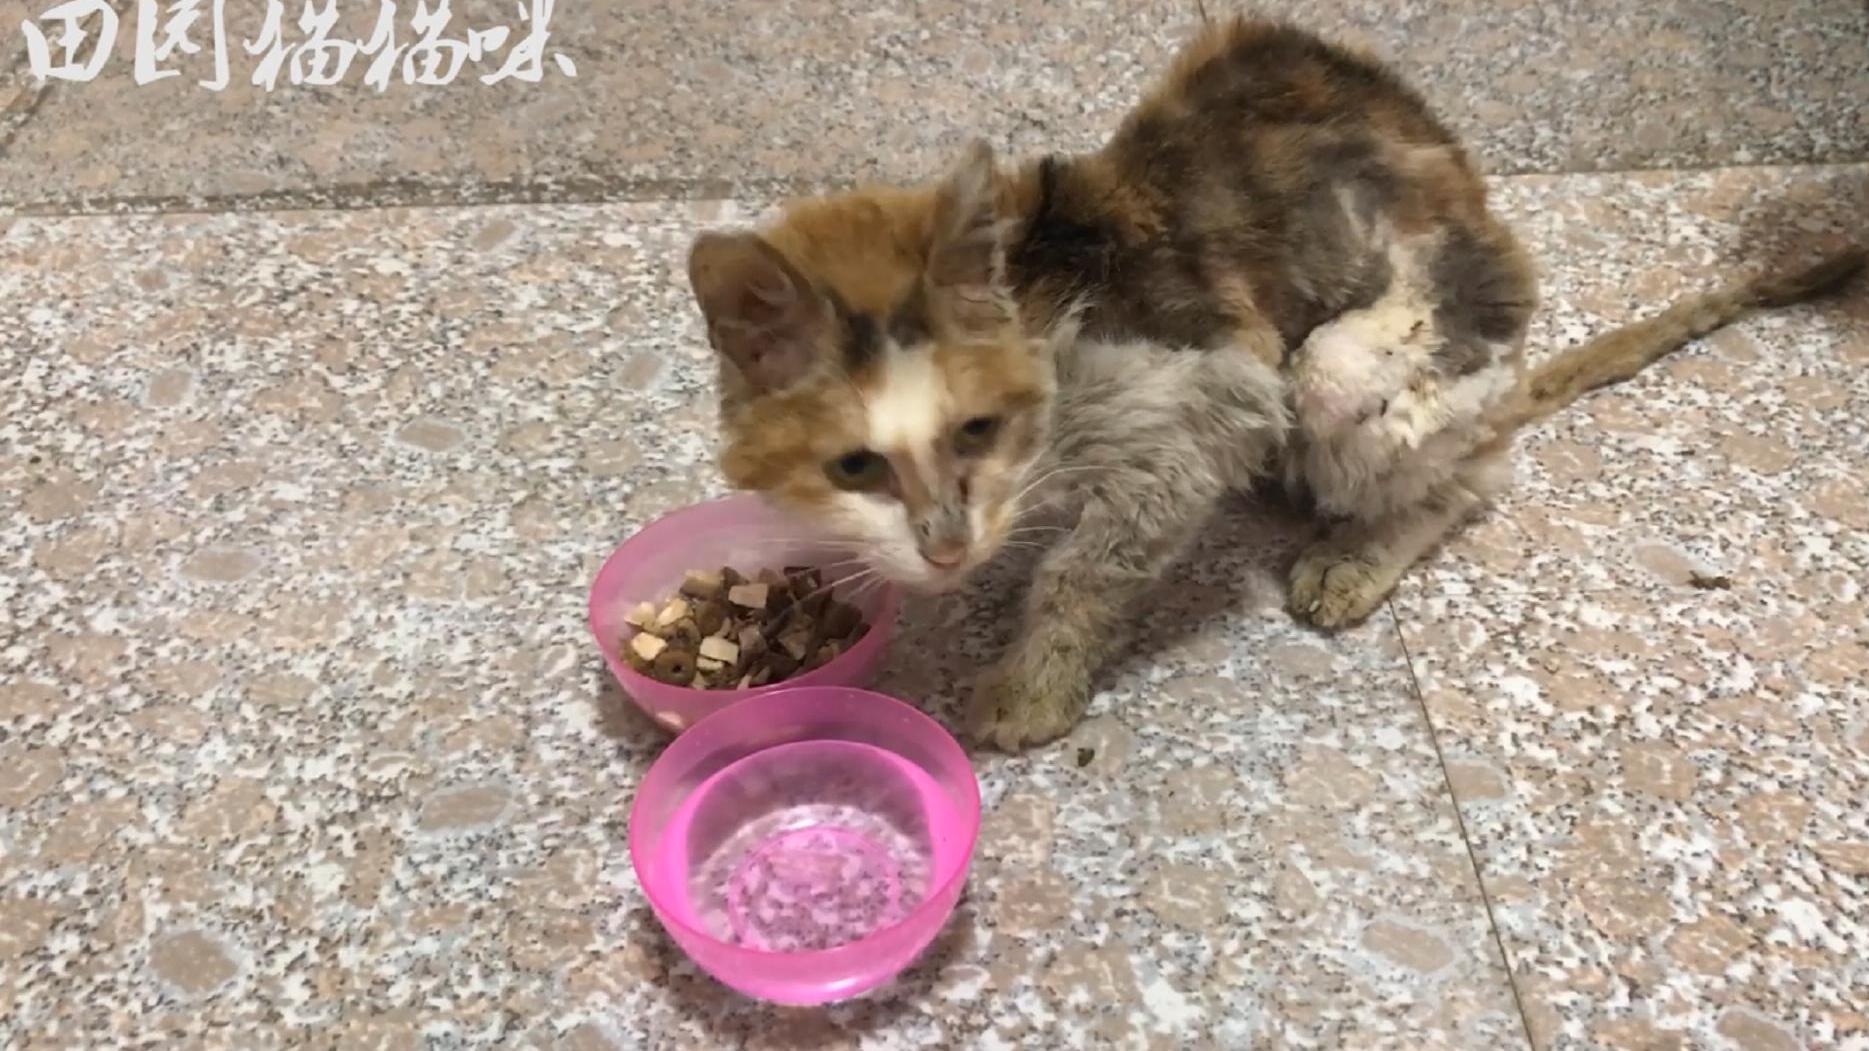 流浪猫:骨瘦嶙峋的小猫咪被咬掉一部分耳朵,好可怜